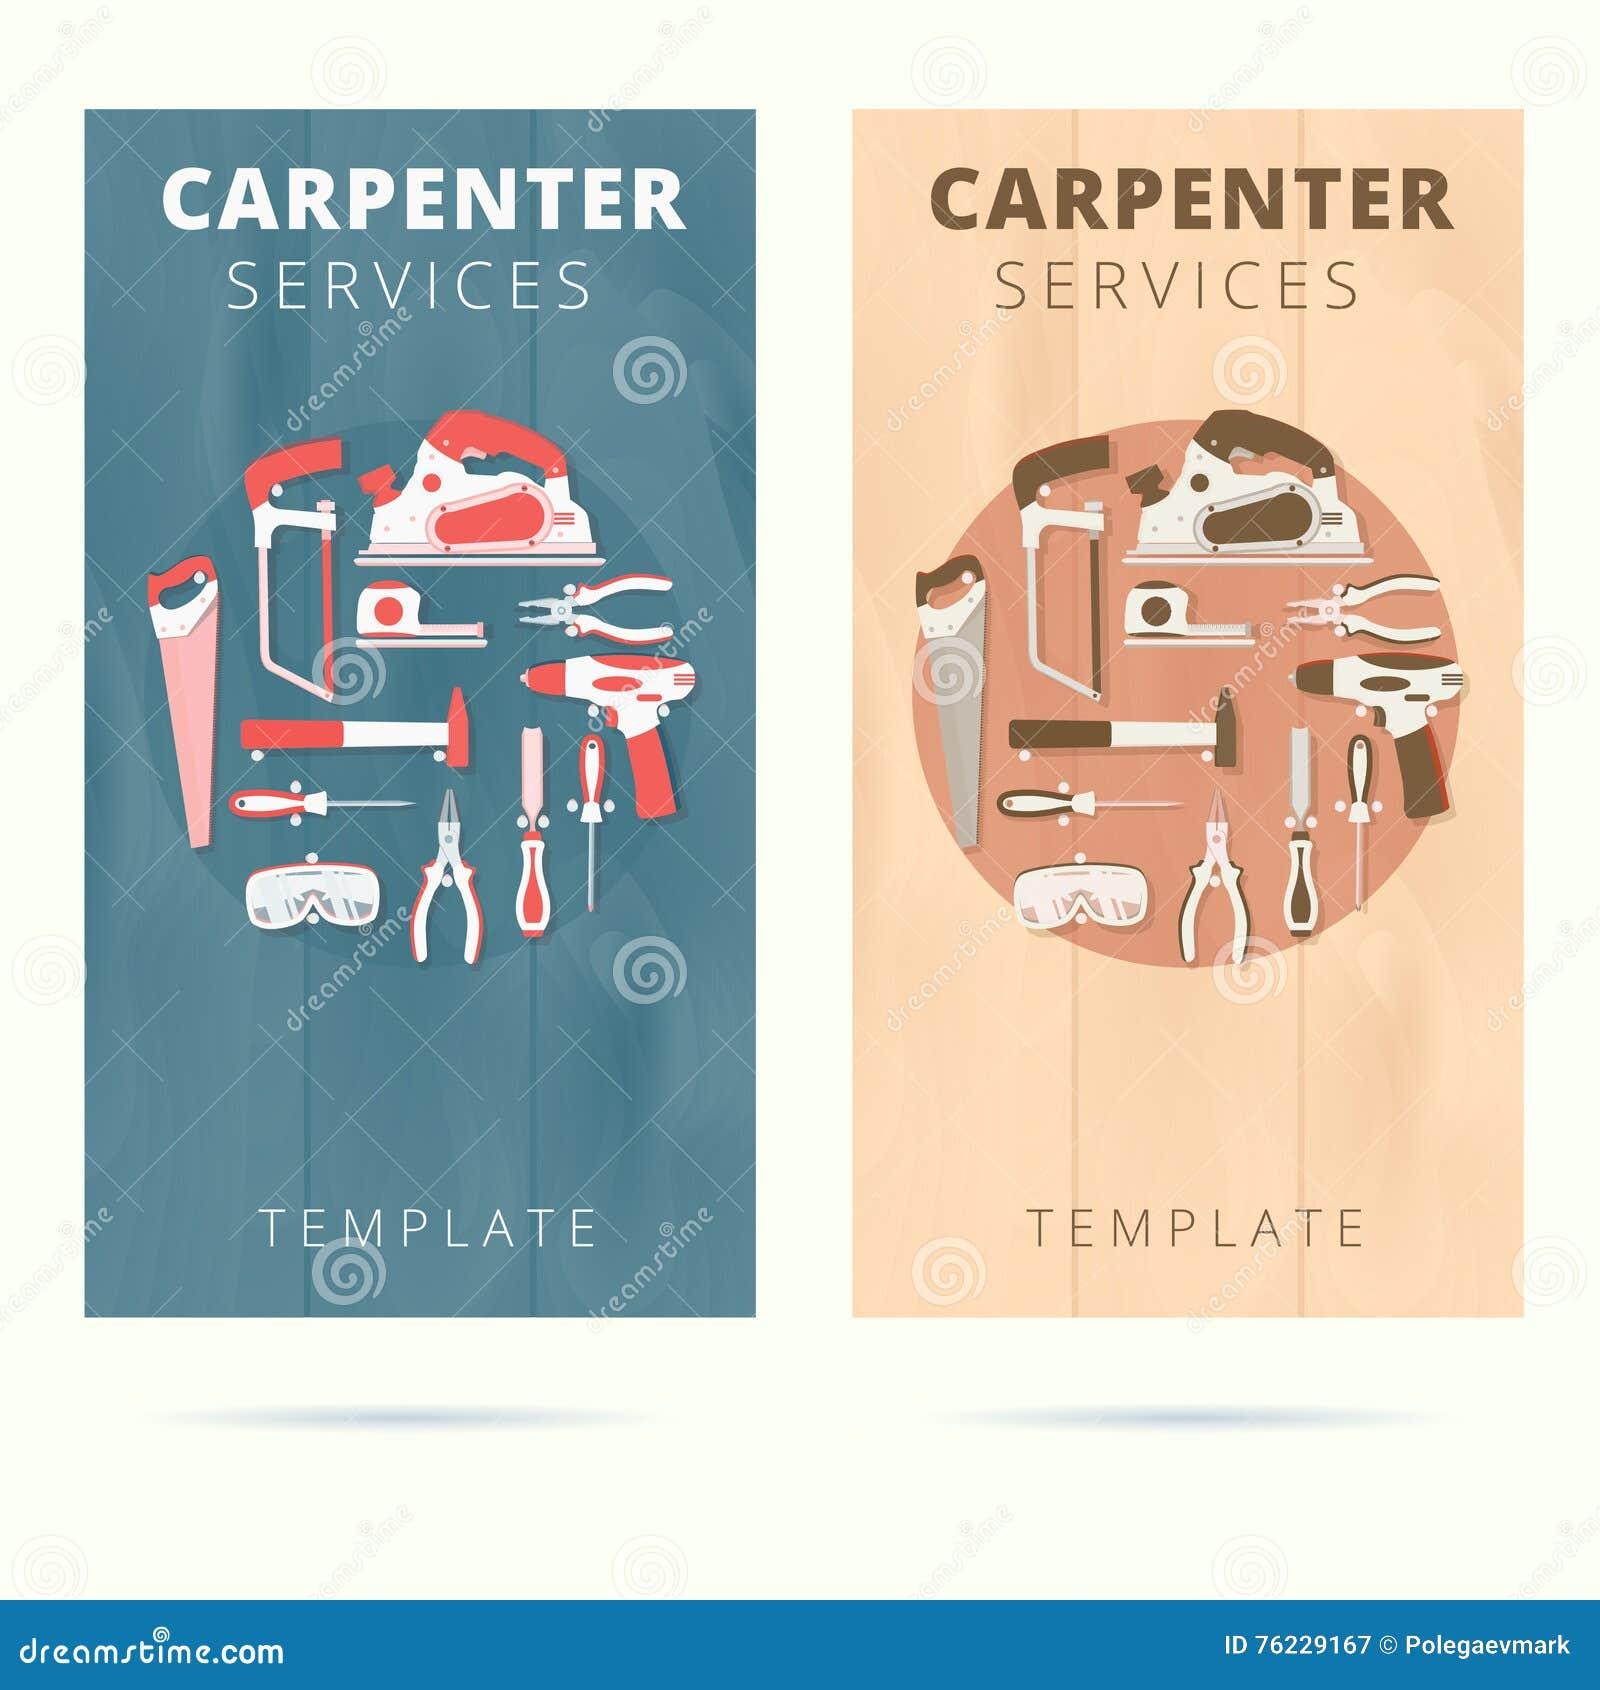 Carpenter service vector business card concept design stock vector carpenter service vector business card concept design fbccfo Choice Image